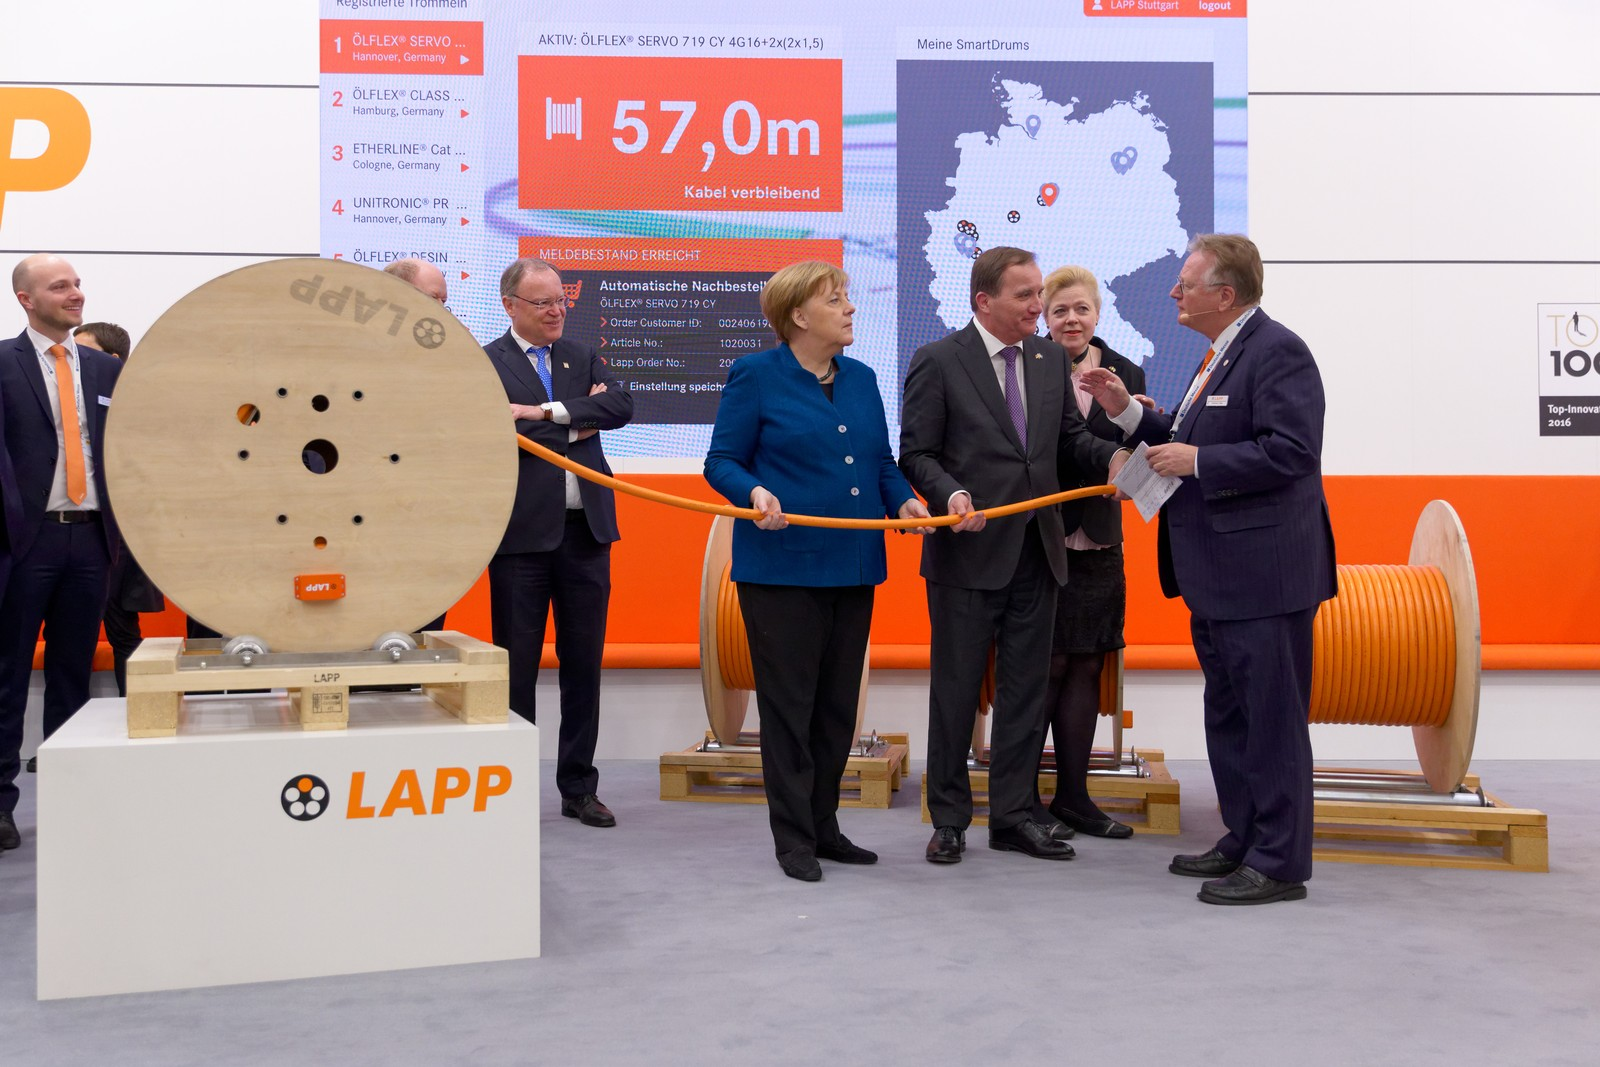 Andreas Lapp (r.) erklärt der Bundeskanzlerin Dr. Angela Merkel und dem schwedischen Ministerpräsident Stefan Löfven die digitalen Lösungen von Lapp.